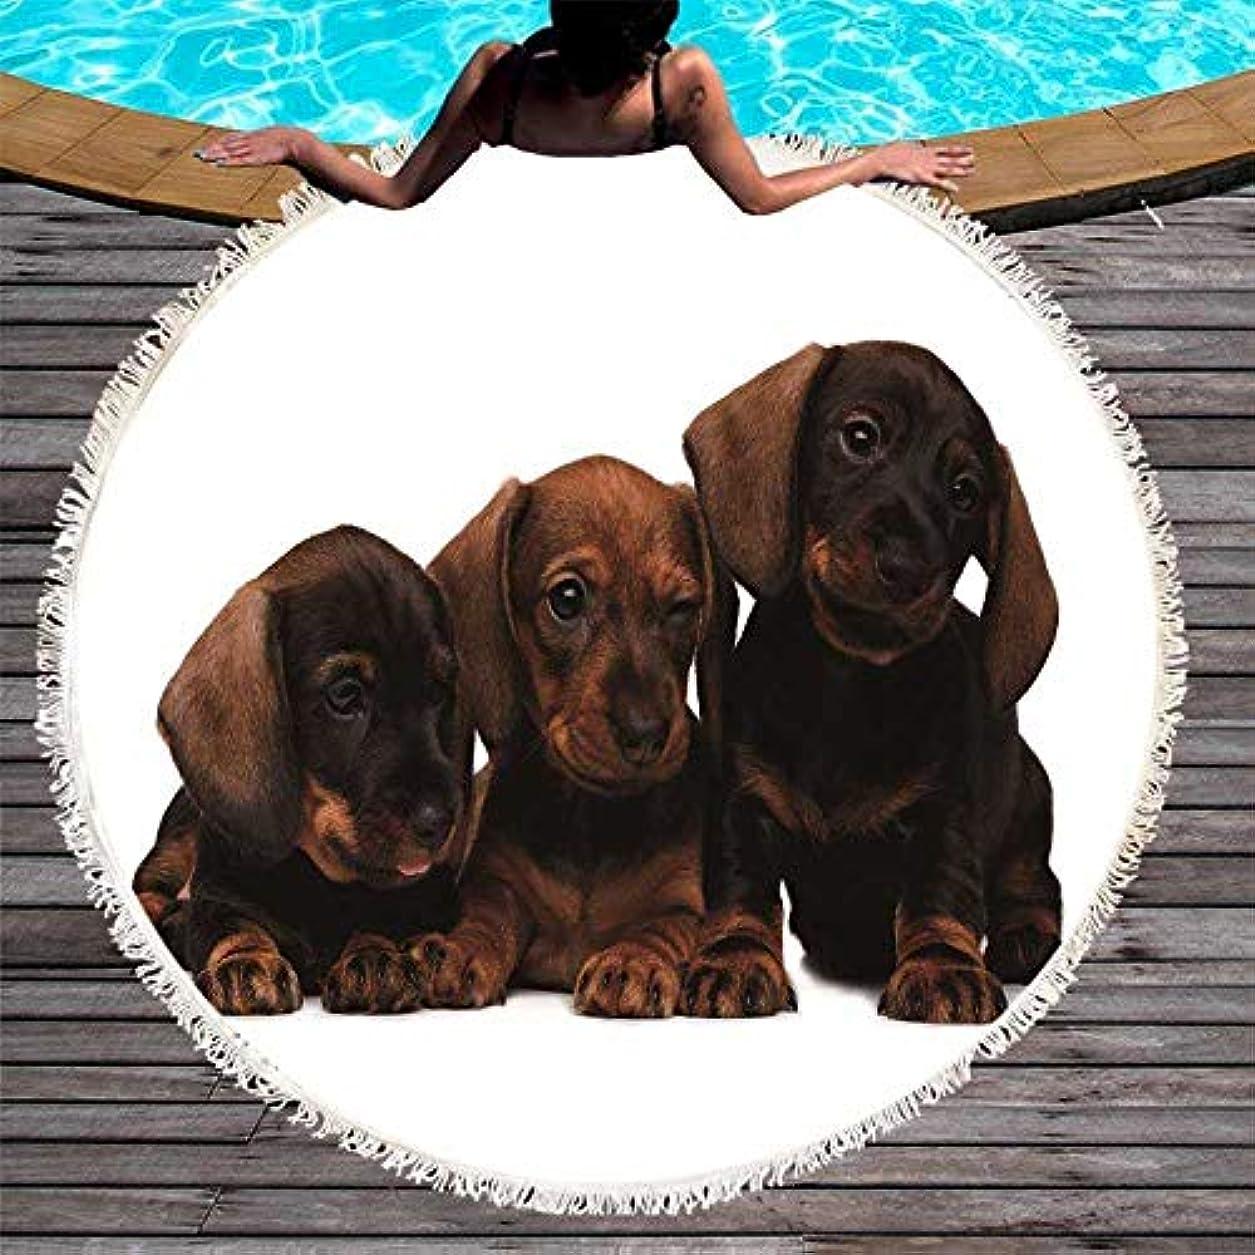 サーバントタイヤ透ける犬ラウンドビーチタオルプリント猫とタッセルブランケットタイガーマイクロファイバーピクニックラージマット150 cm (色 : 2, サイズ : 150CM)